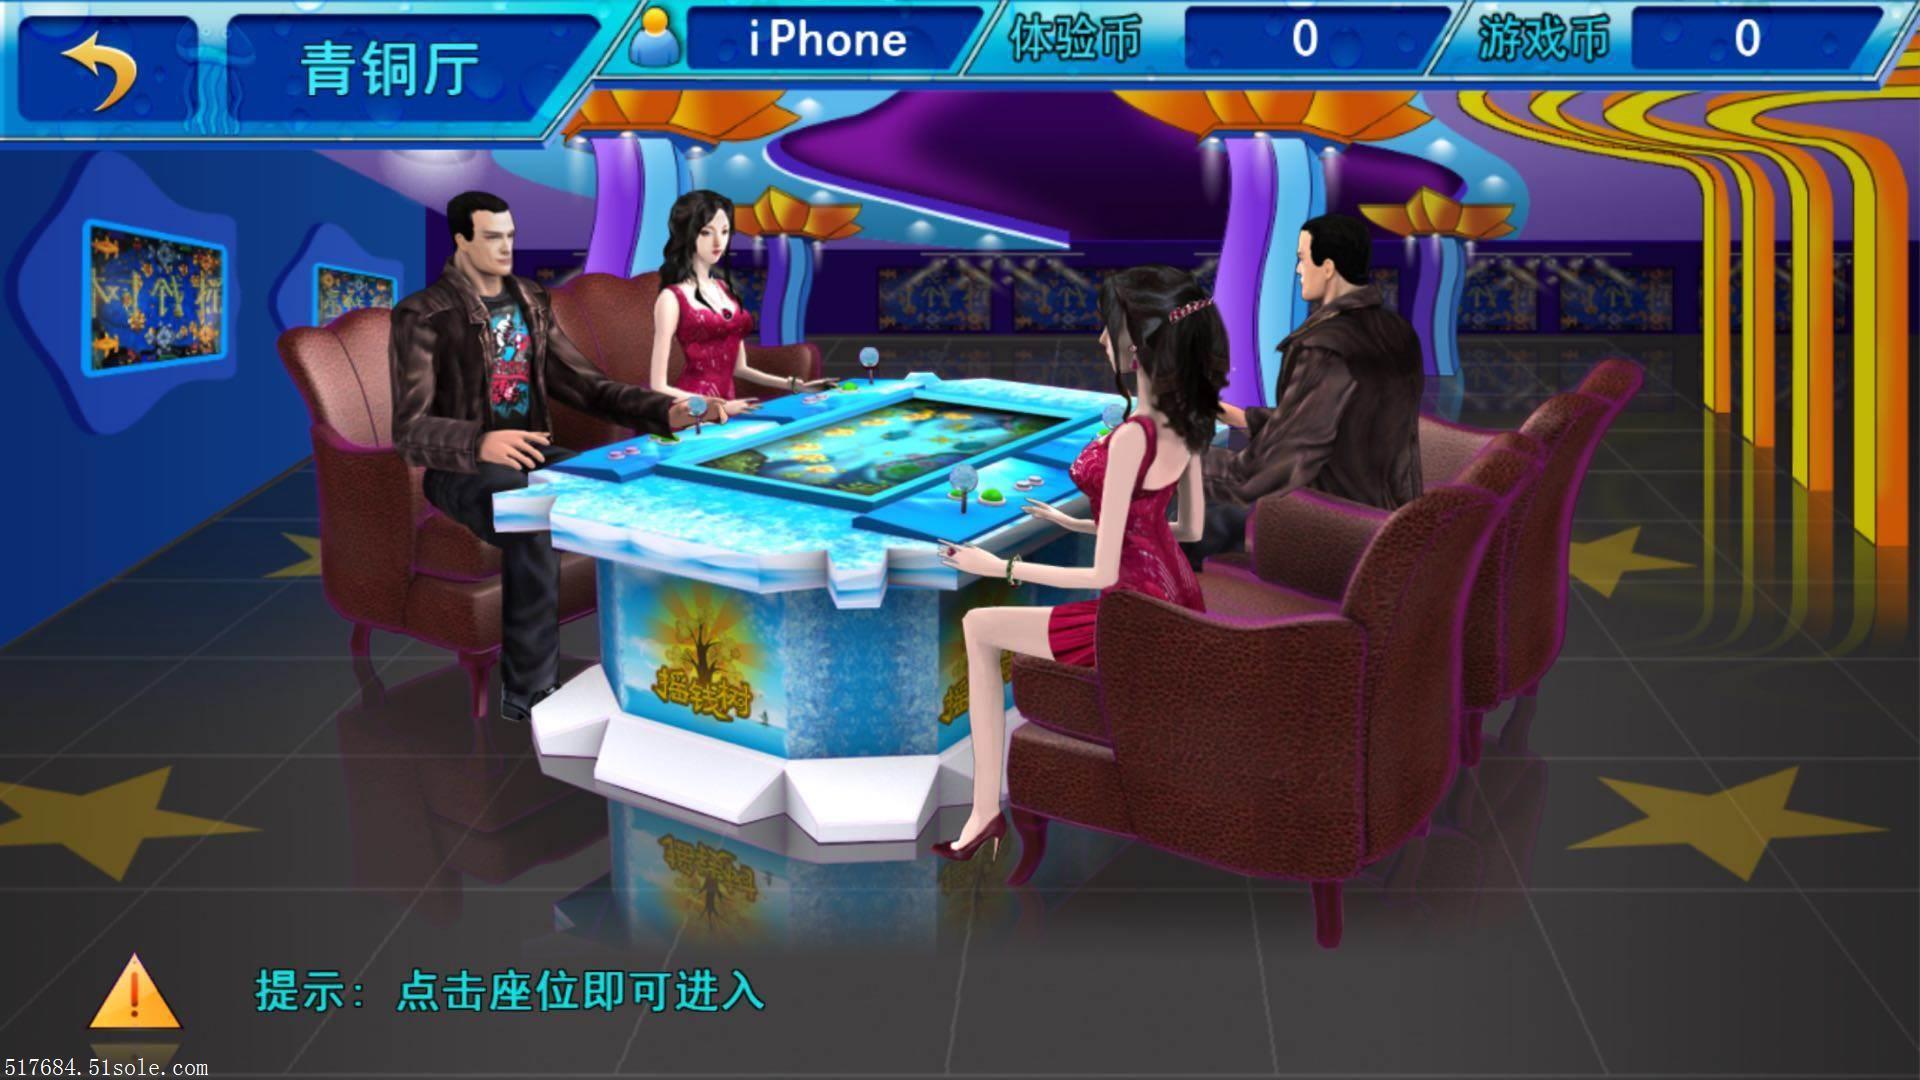 厦门正版手机捕鱼游戏